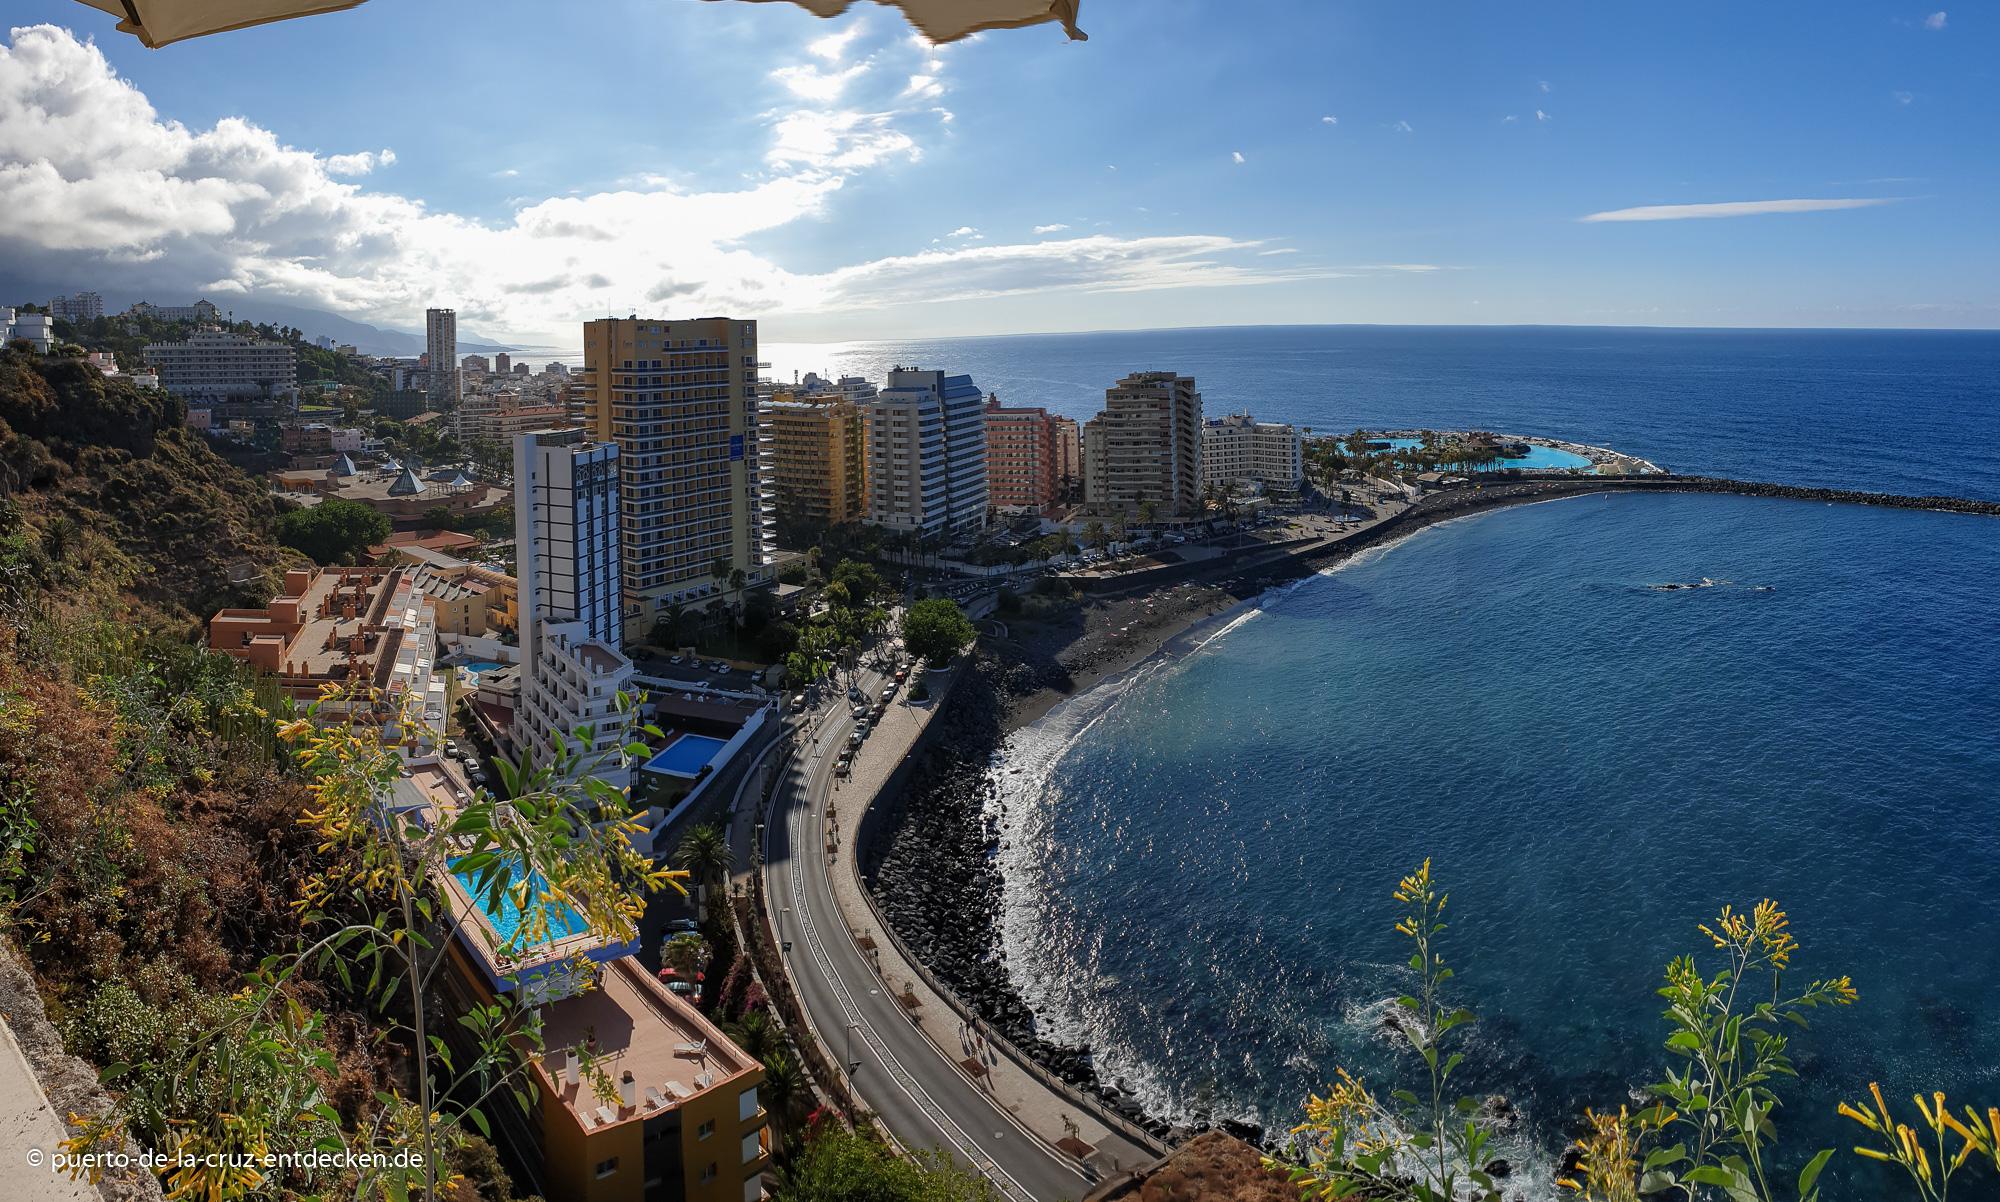 Blick von der Steilküste auf Puerto: Selbst die Hochhäuser wirken klein.